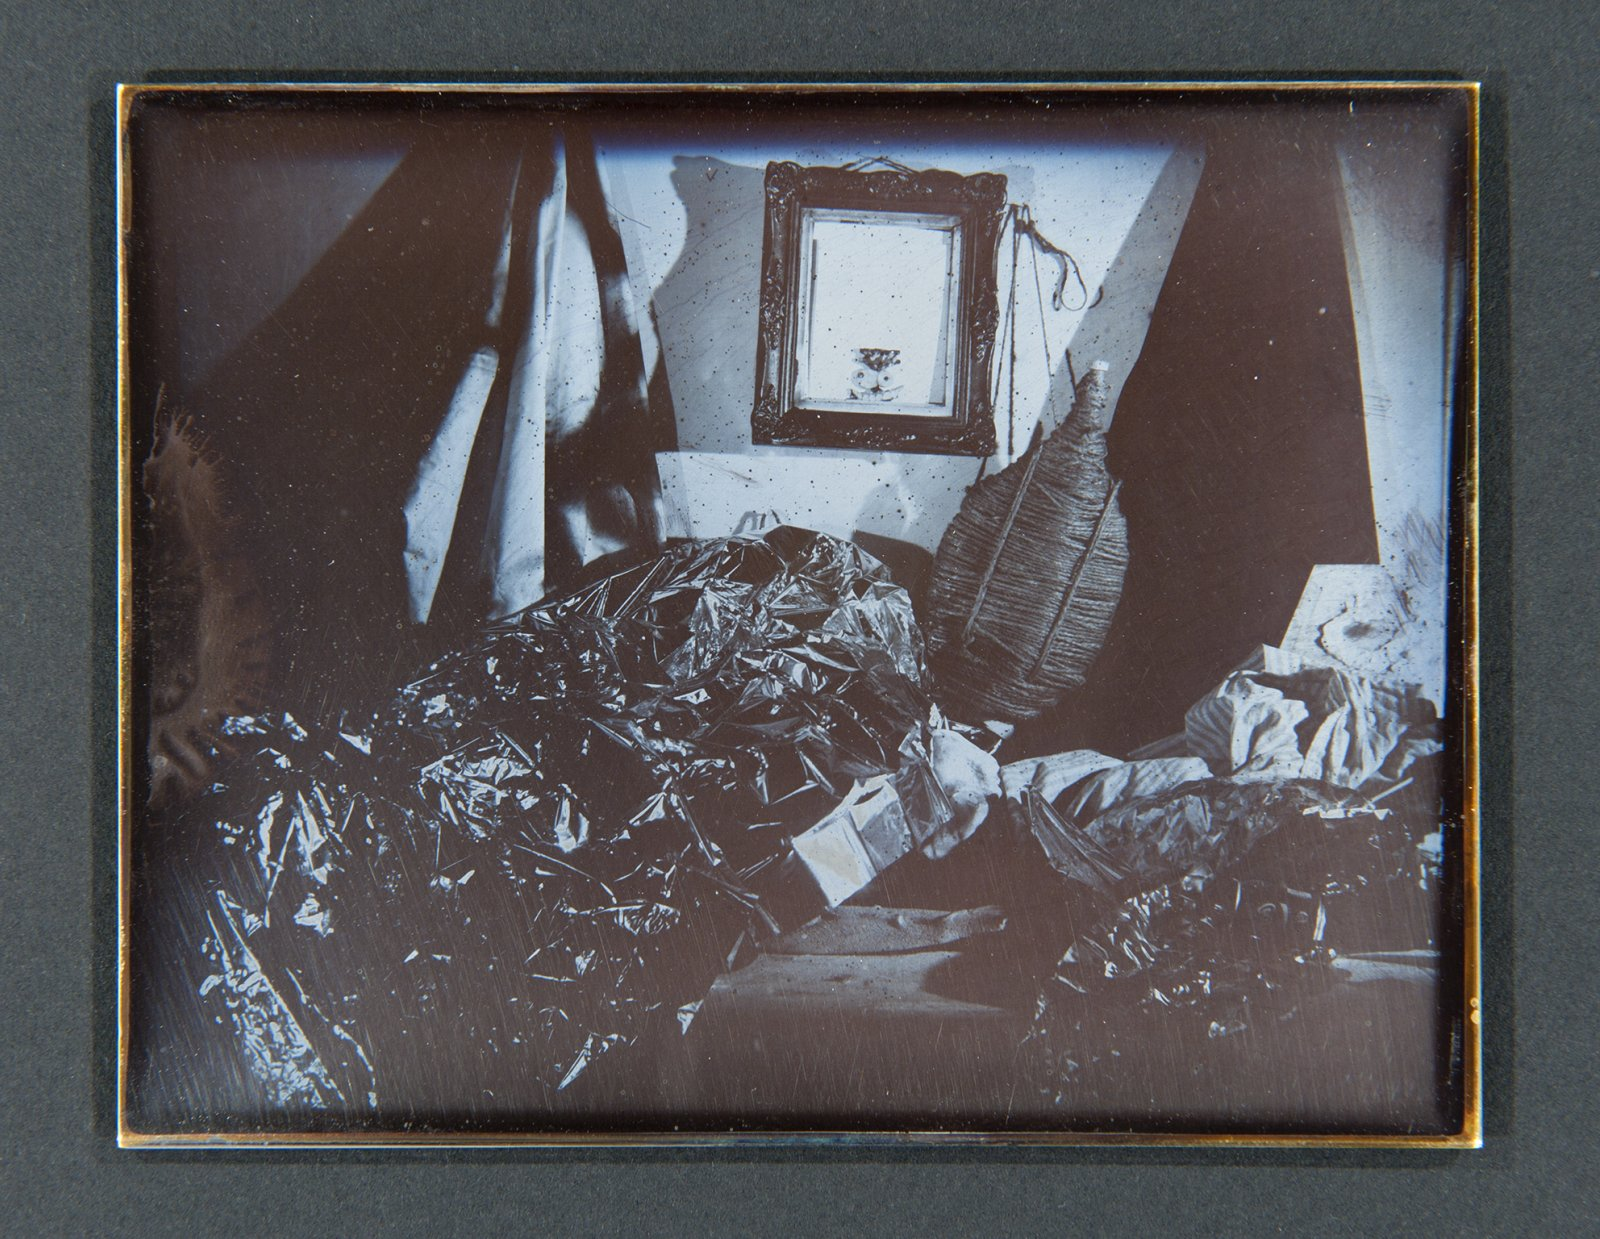 Julia Feyrer,Studio 1, 2 & 3from The artist's studio (detail), 2010, Becquerel Daguerreotypes on silver coated brass, 7 x 21 x 2 in. (19 x 54 x 2 cm), each daguerreotype: 3 x 4 in. (9 x 11 cm)